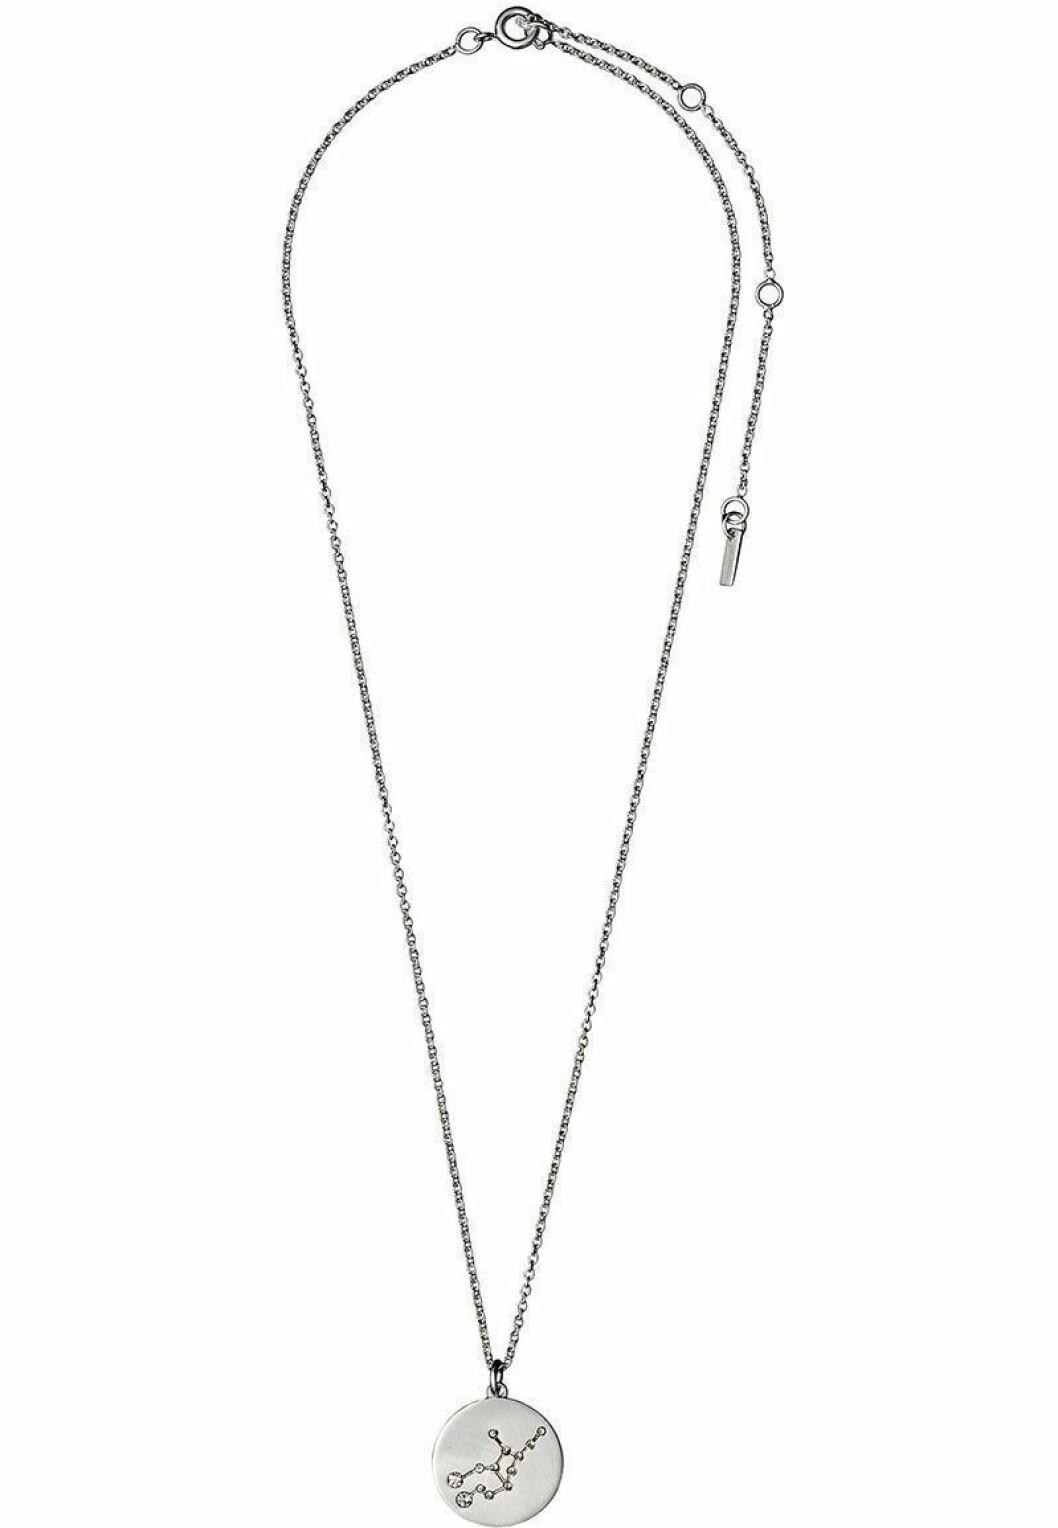 Halsband från Pilgrim med stjärntecken, jungfrun